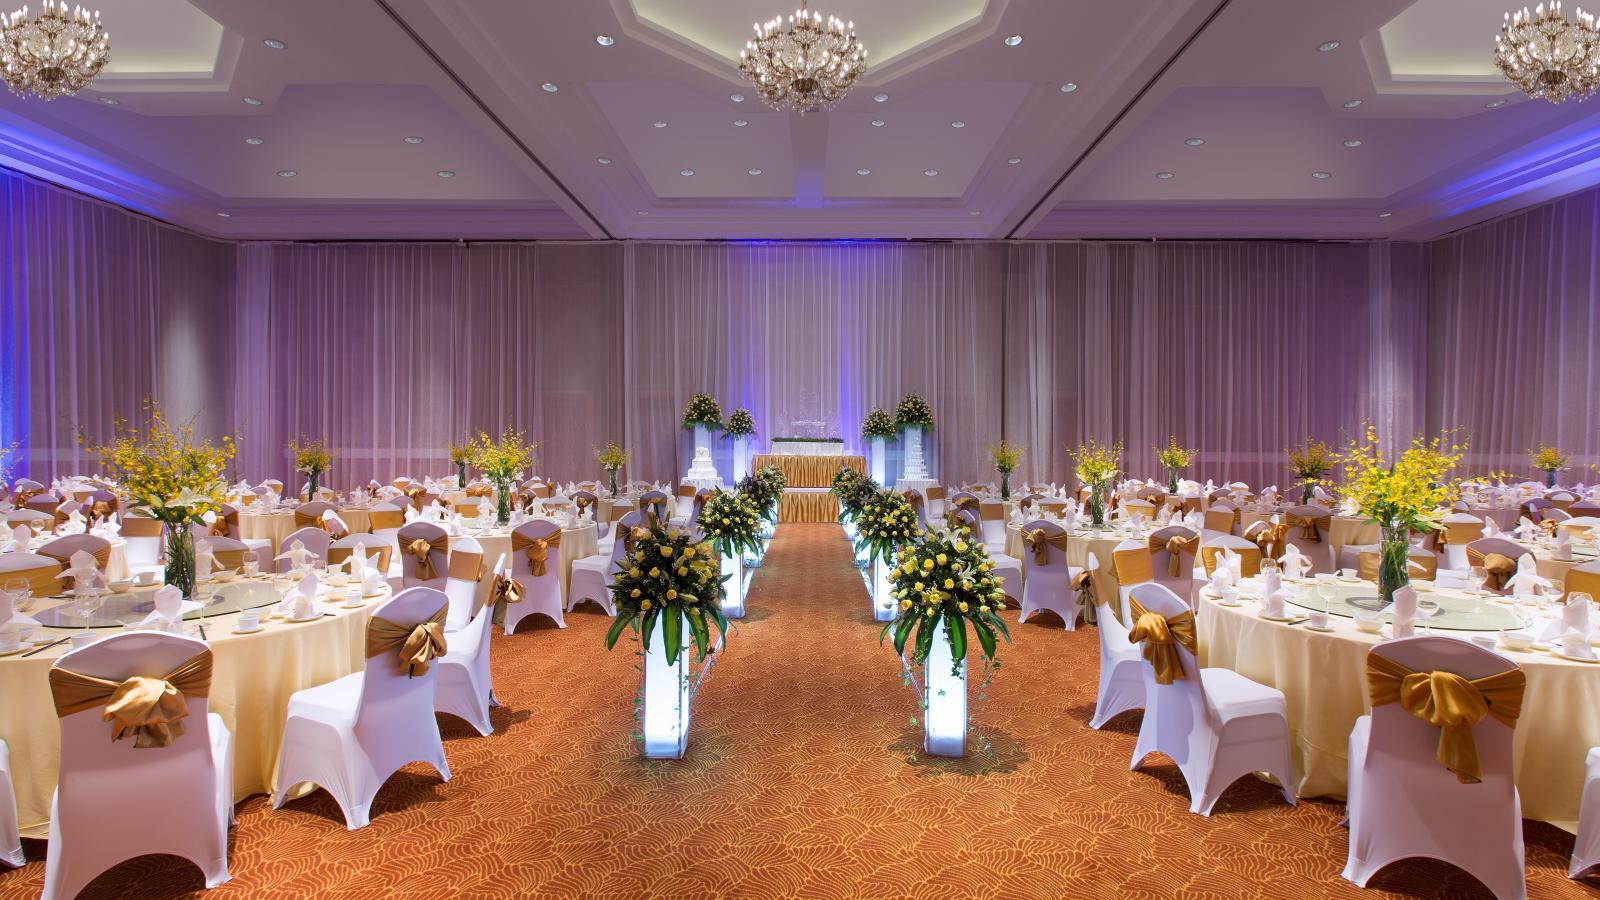 5 địa điểm tổ chức tiệc cưới sang trọng tại Hà Nội